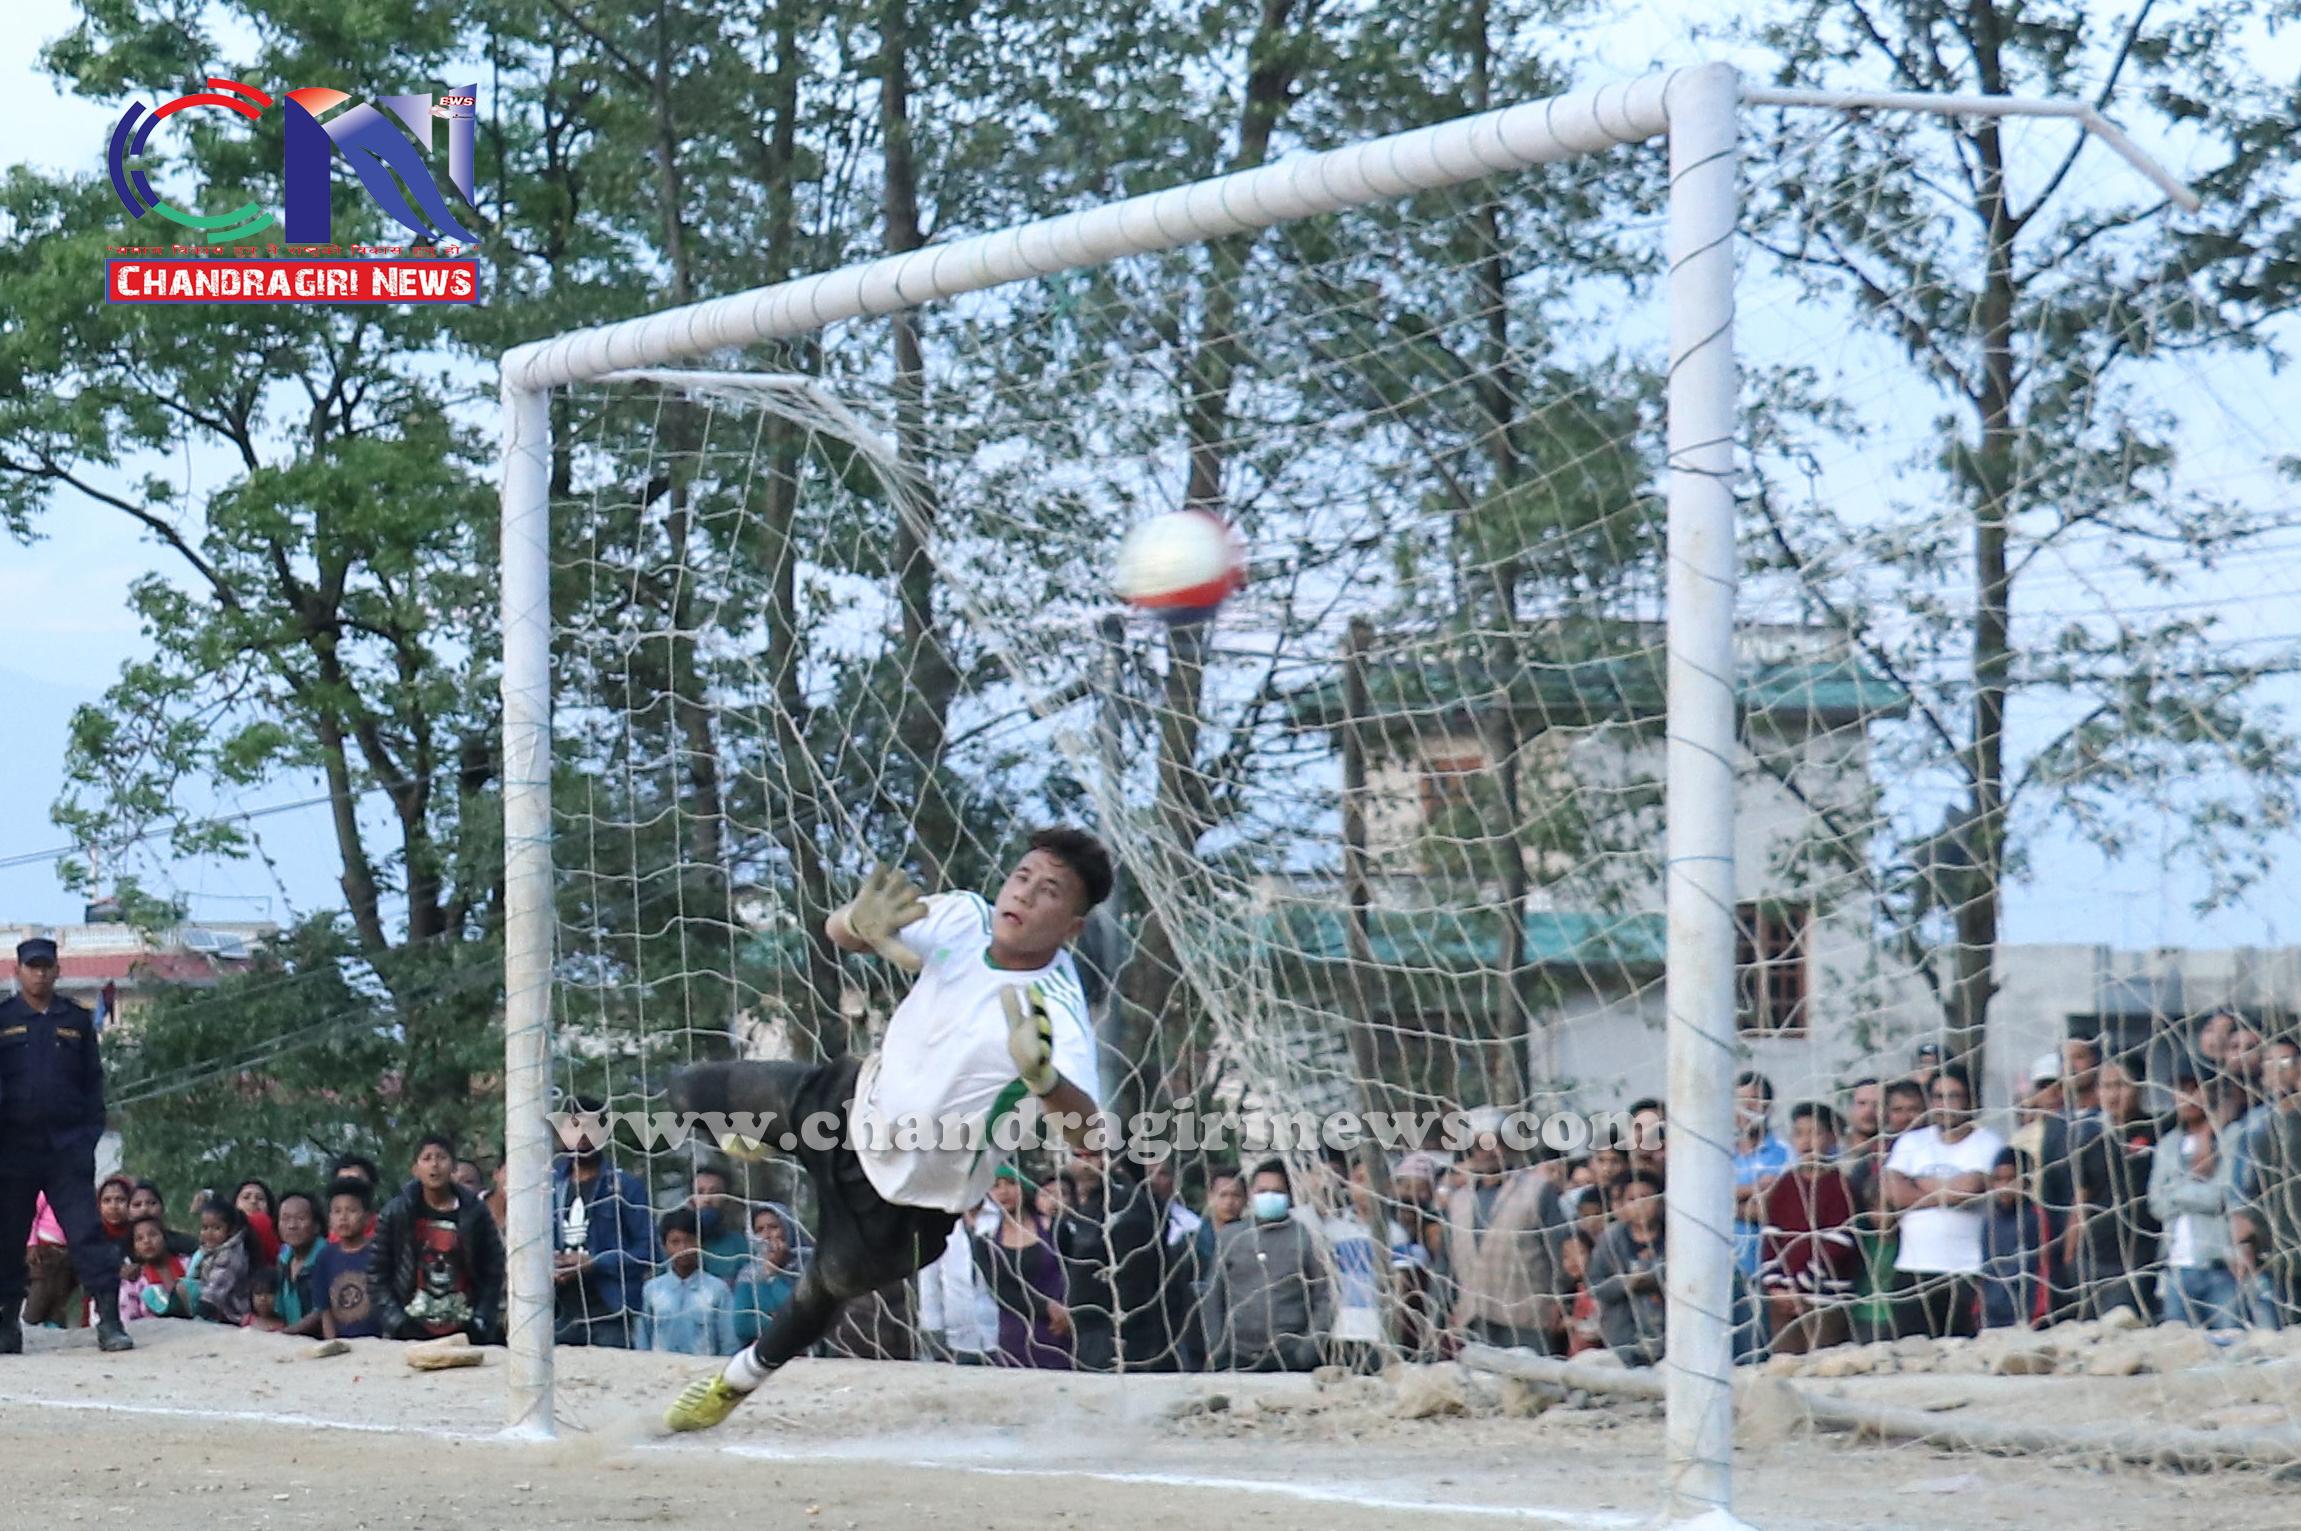 Chandragirinews western-united-final-11 नेपालय वइस्टर्न यूनाइटेड फुटबलको उपाधि टिम स्पिड न्यूरोडलाई खेलकुद ब्रेकिंग न्युज मुख्य    chandragiri